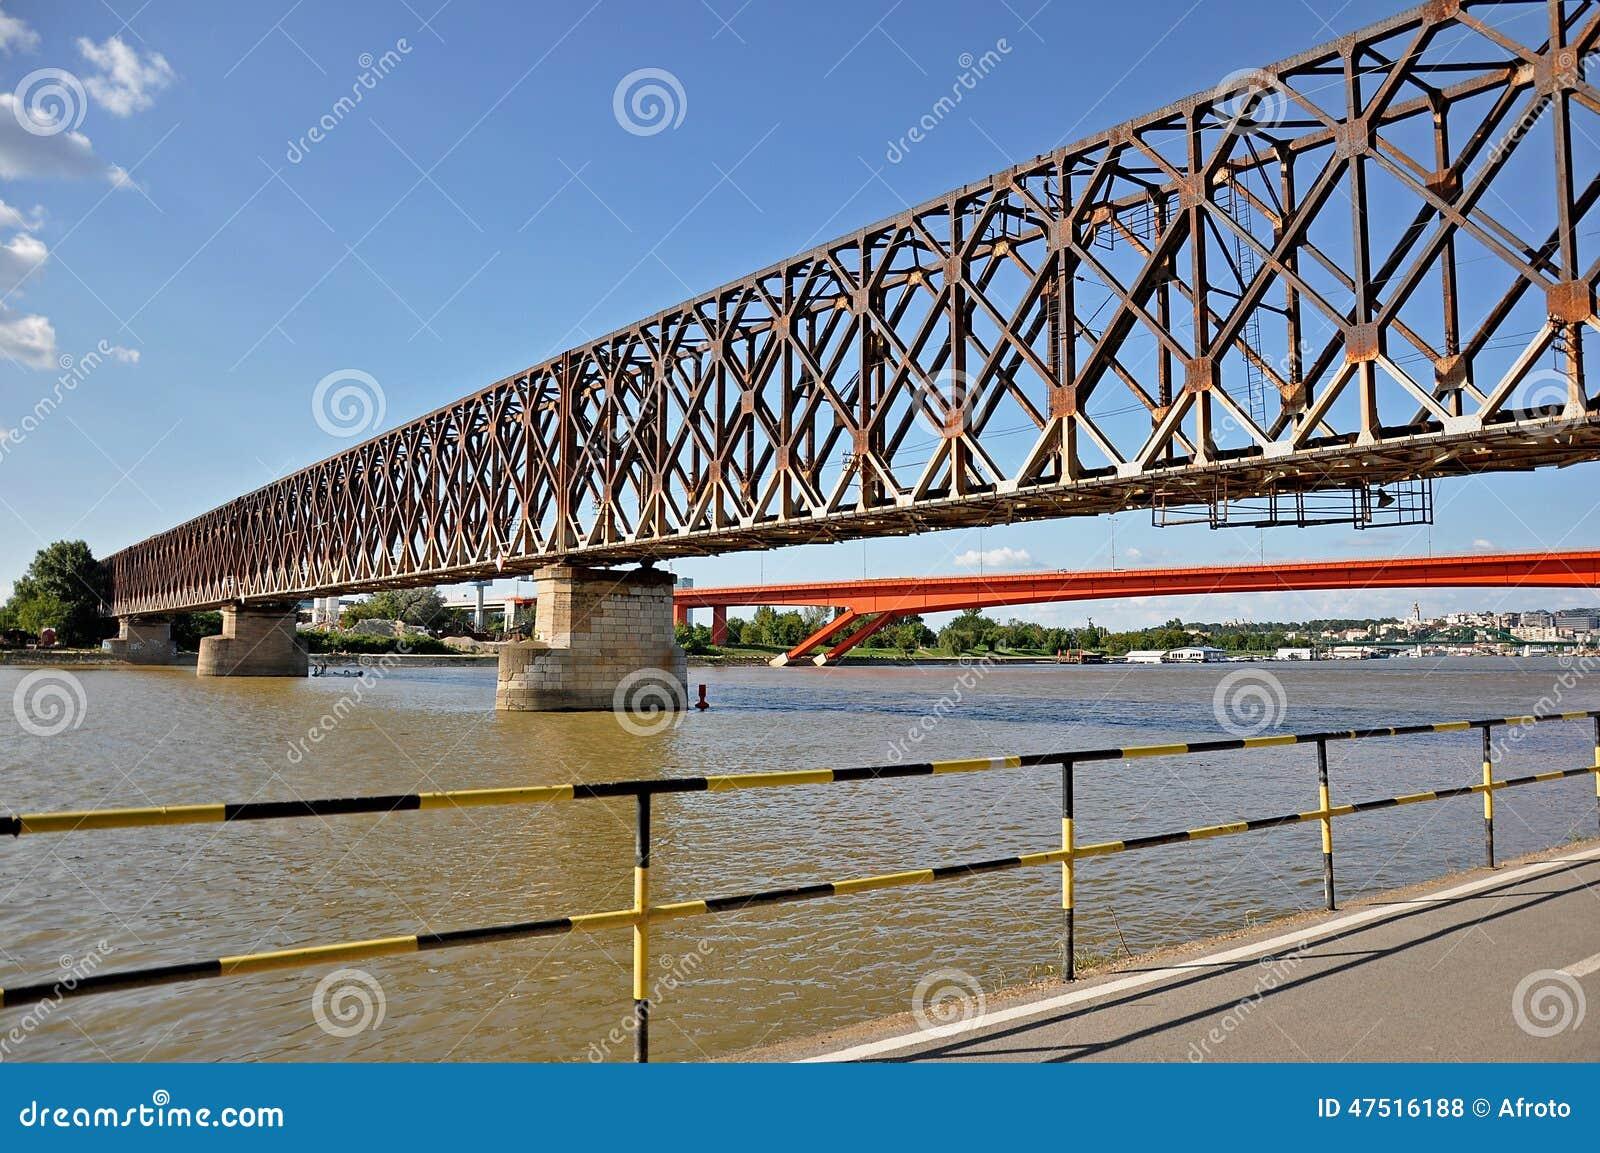 Puente de la ciudad con un paseo marítimo